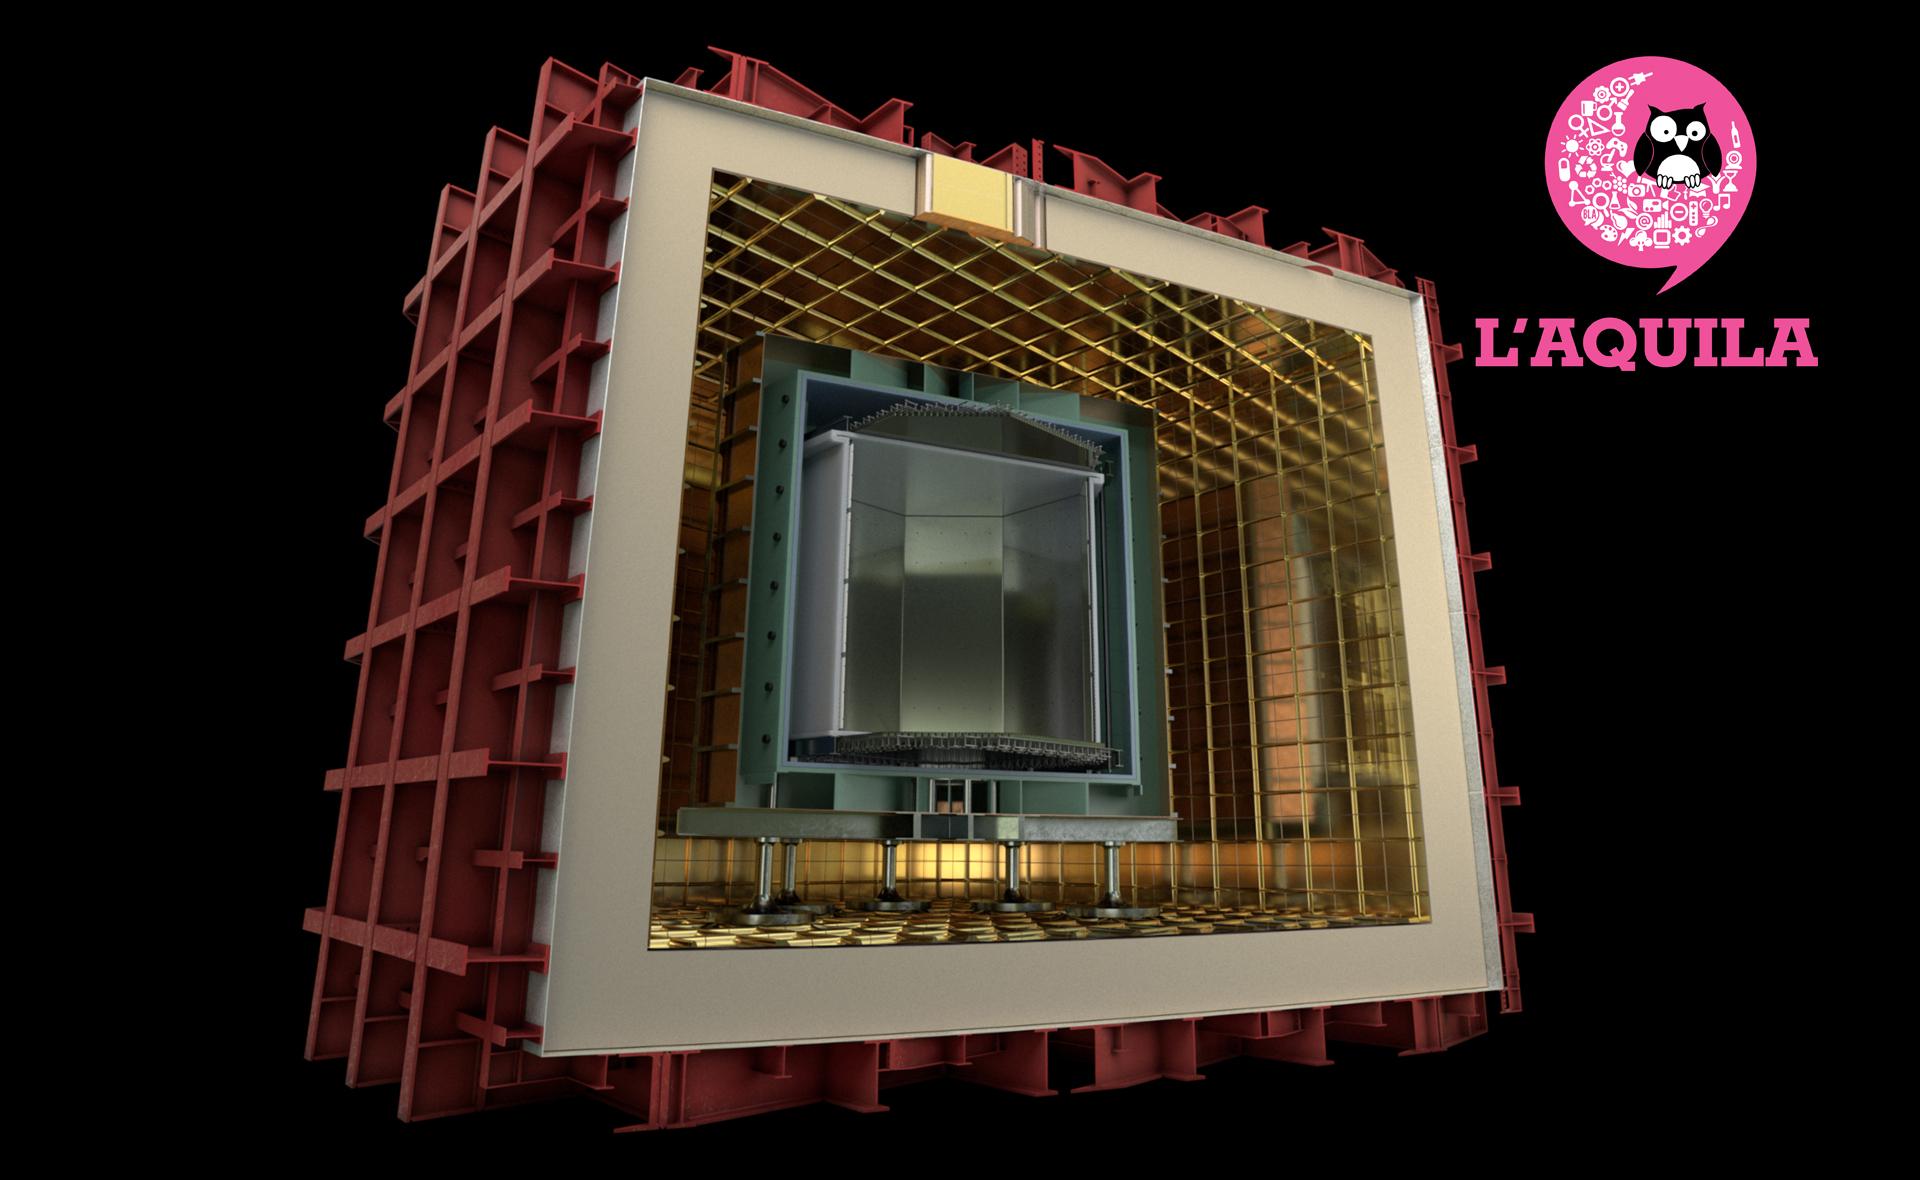 INFN - Laboratori Nazionali del Gran Sasso